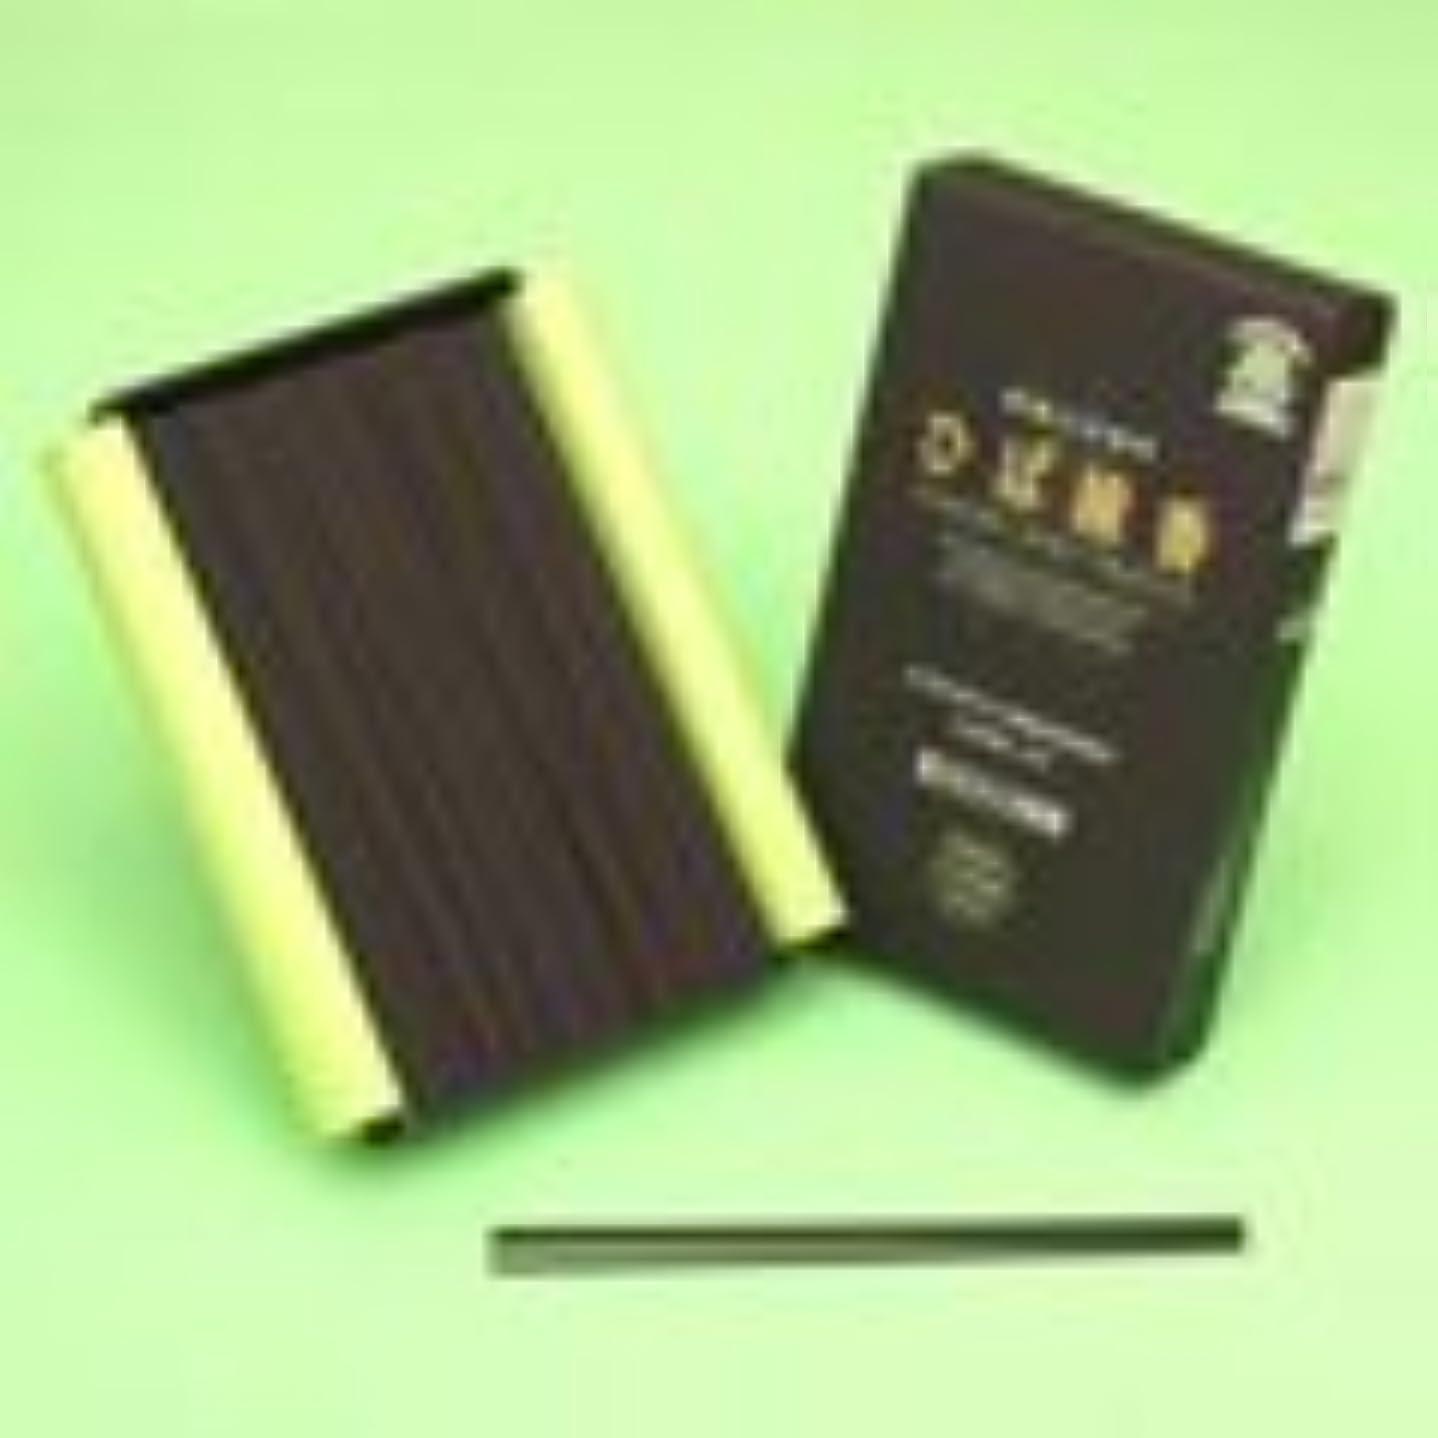 たらい表面的な前述の青森ひば線香 微煙 黒箱